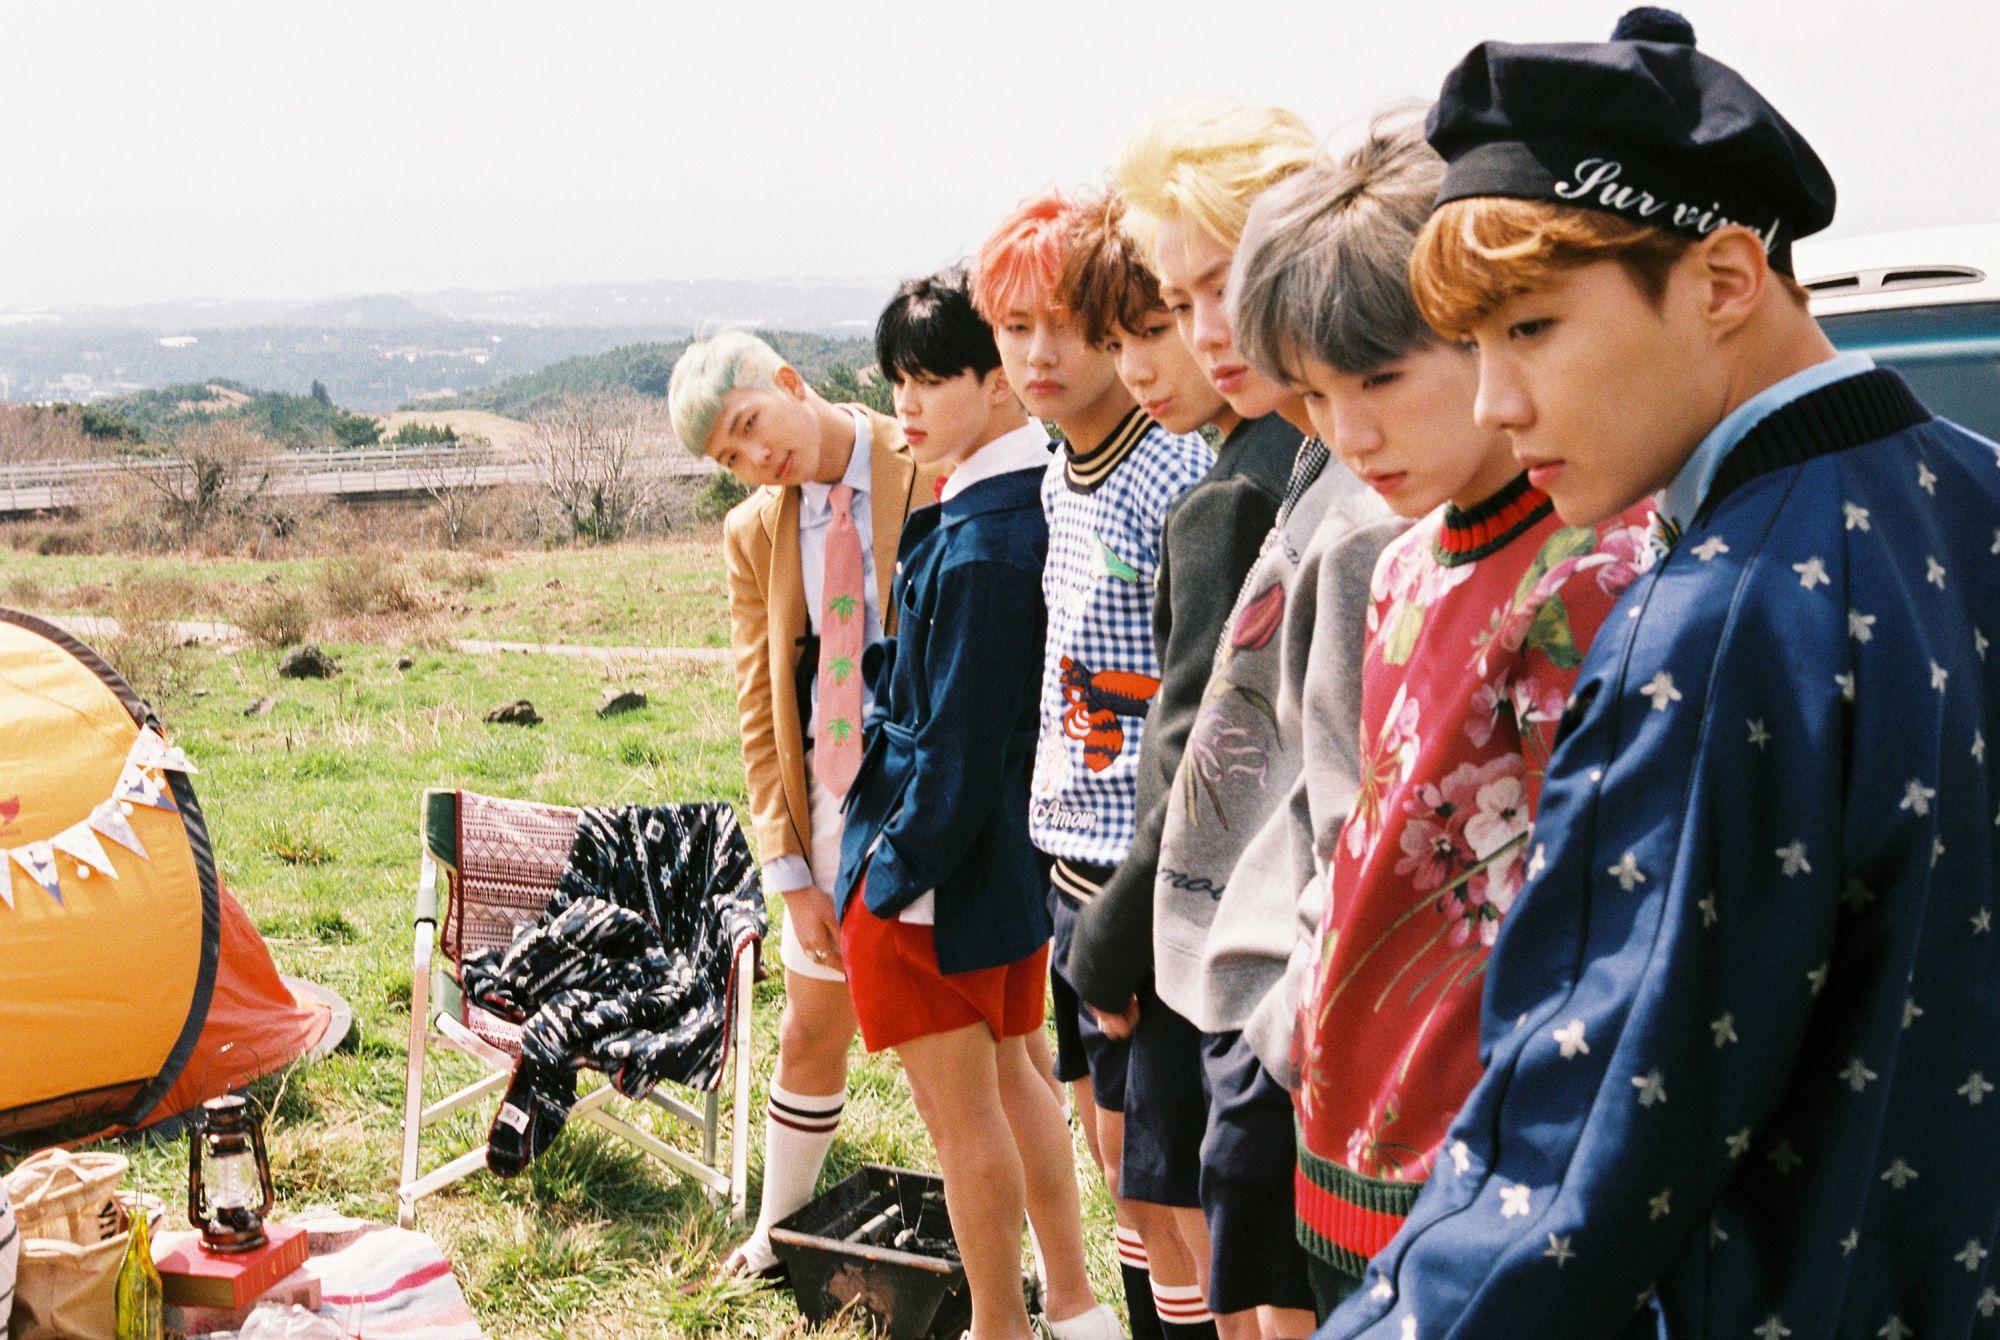 El nuevo álbum de BTS sobre pasa los 300.000 preorders en menos de una semana